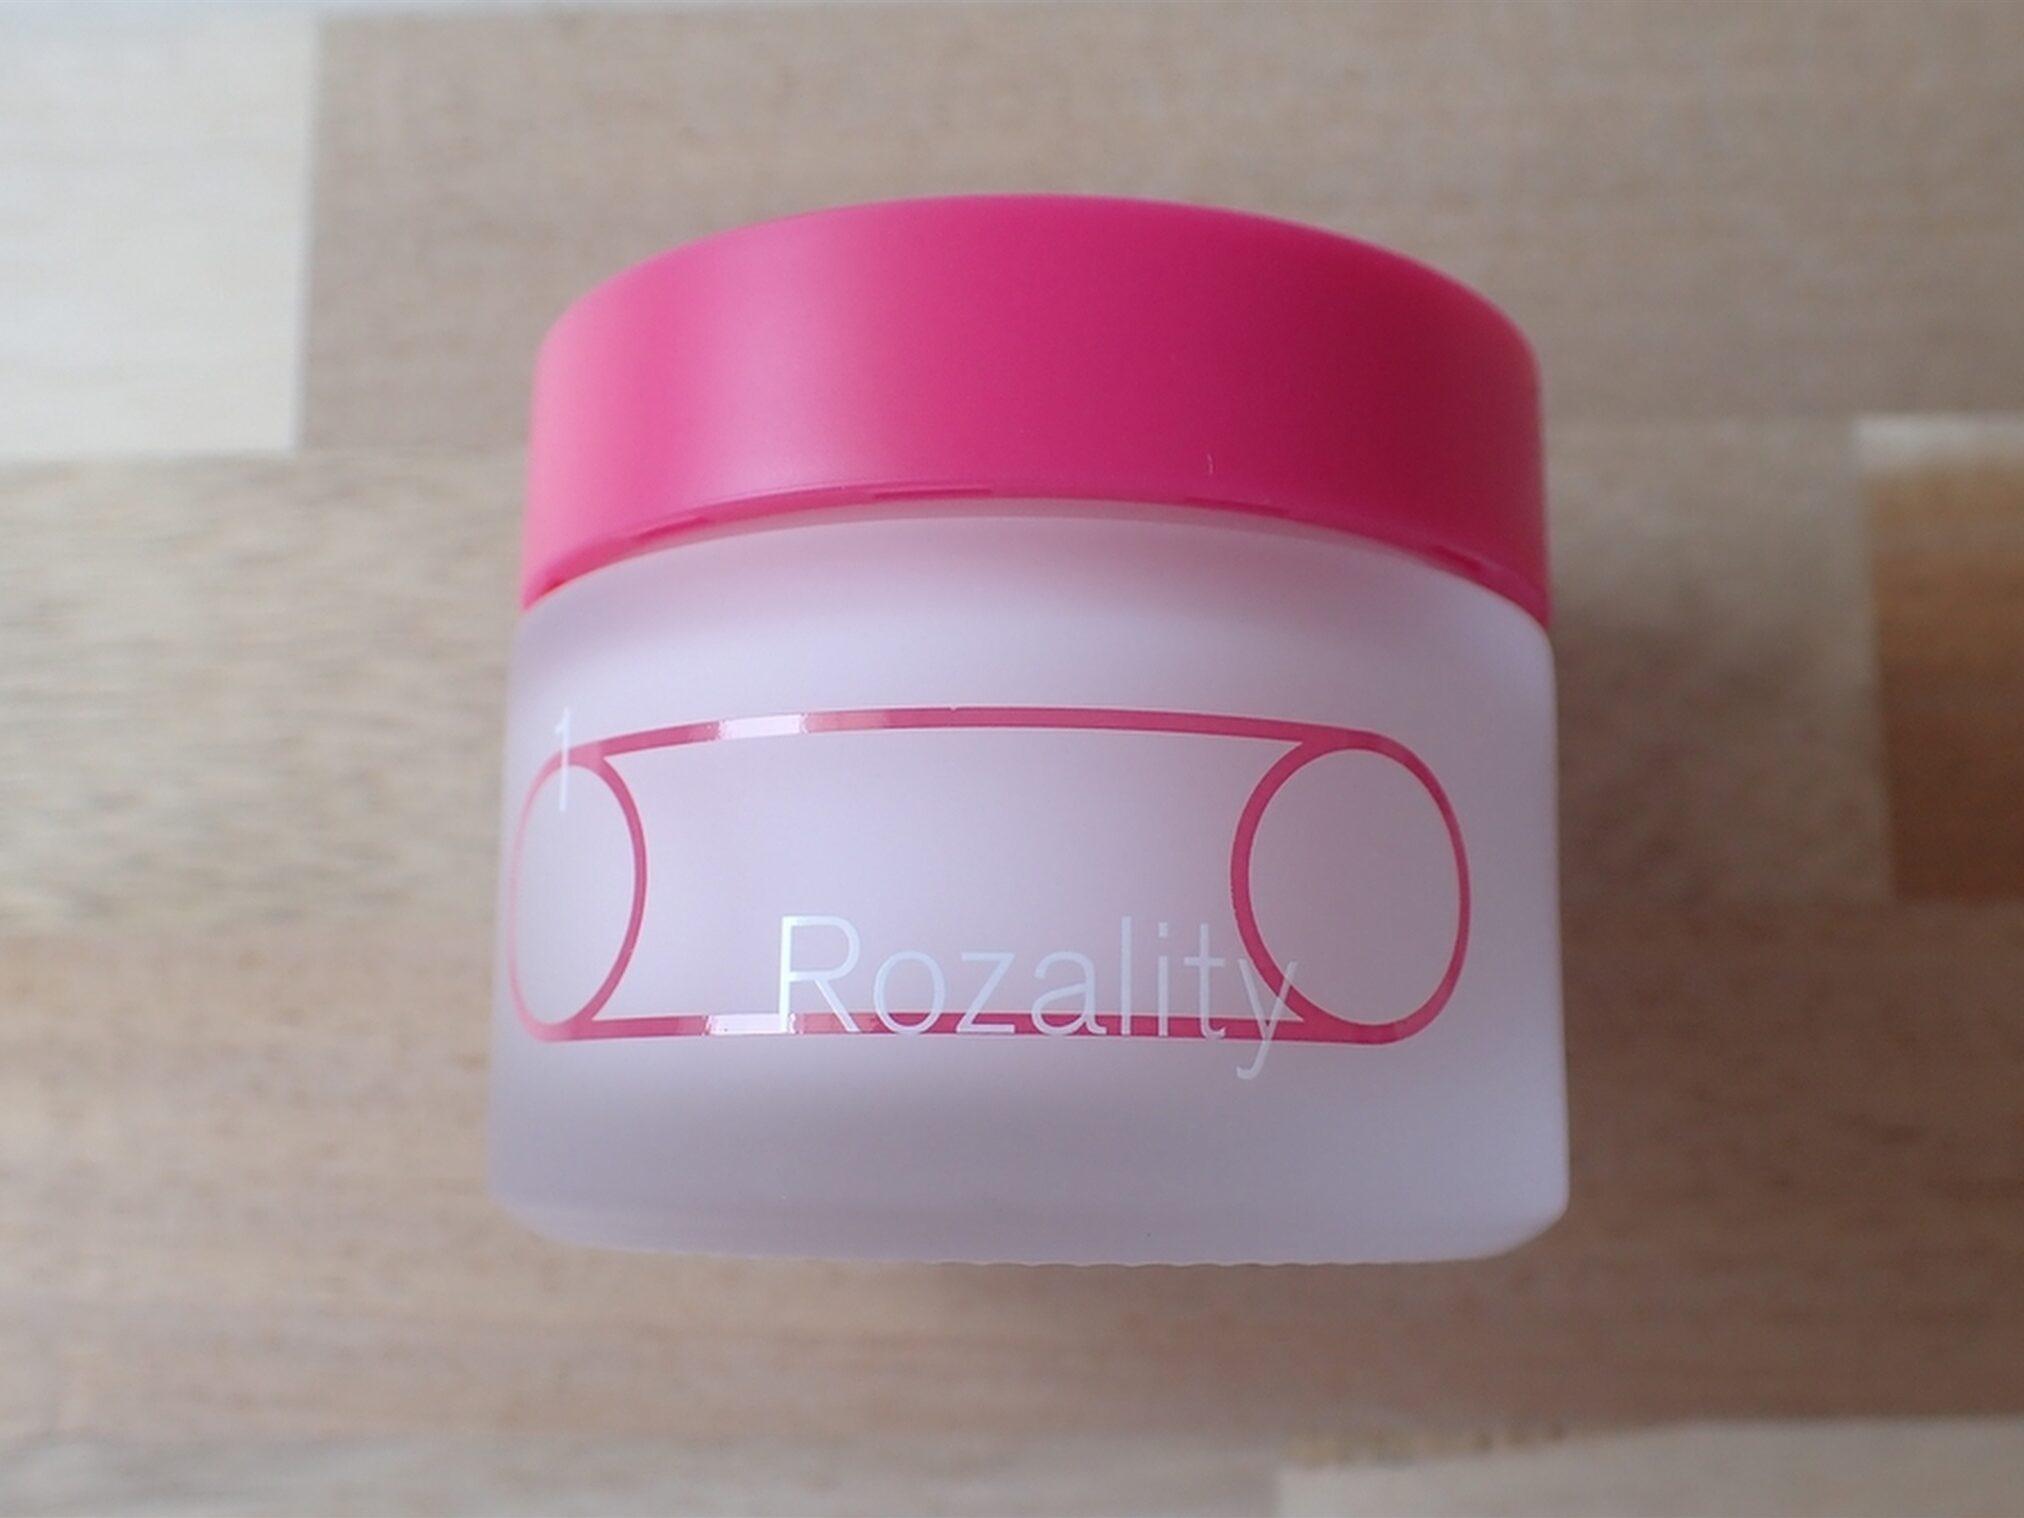 株式会社SISI Rozality ロザリティ ウォータリーマスク 容器の写真